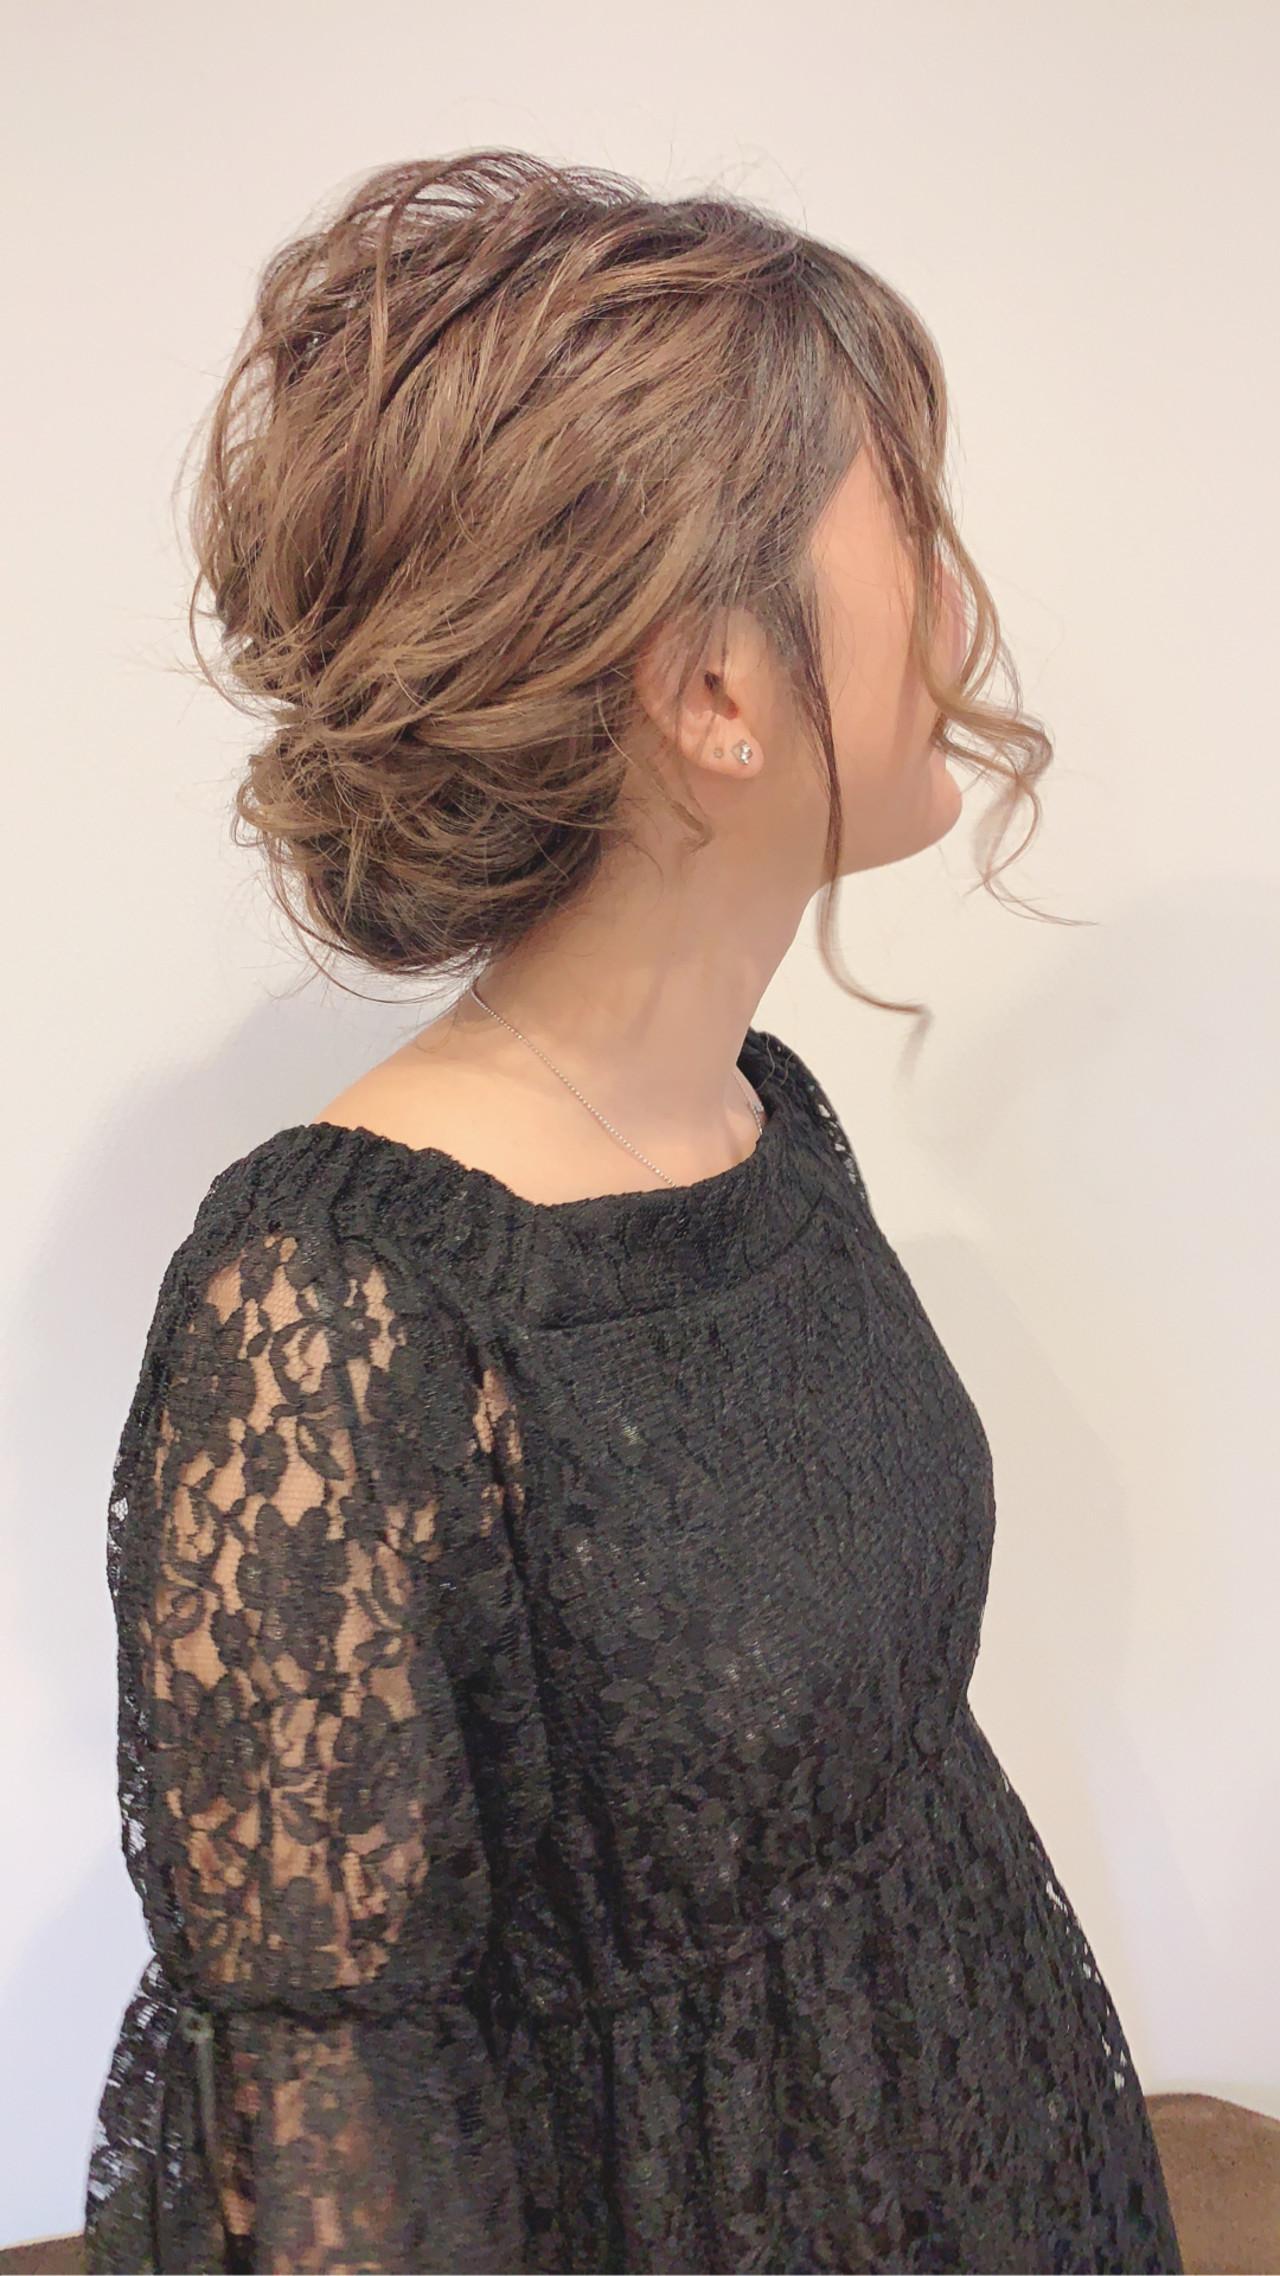 ミルクティー ミルクティーグレージュ フェミニン ボブ ヘアスタイルや髪型の写真・画像